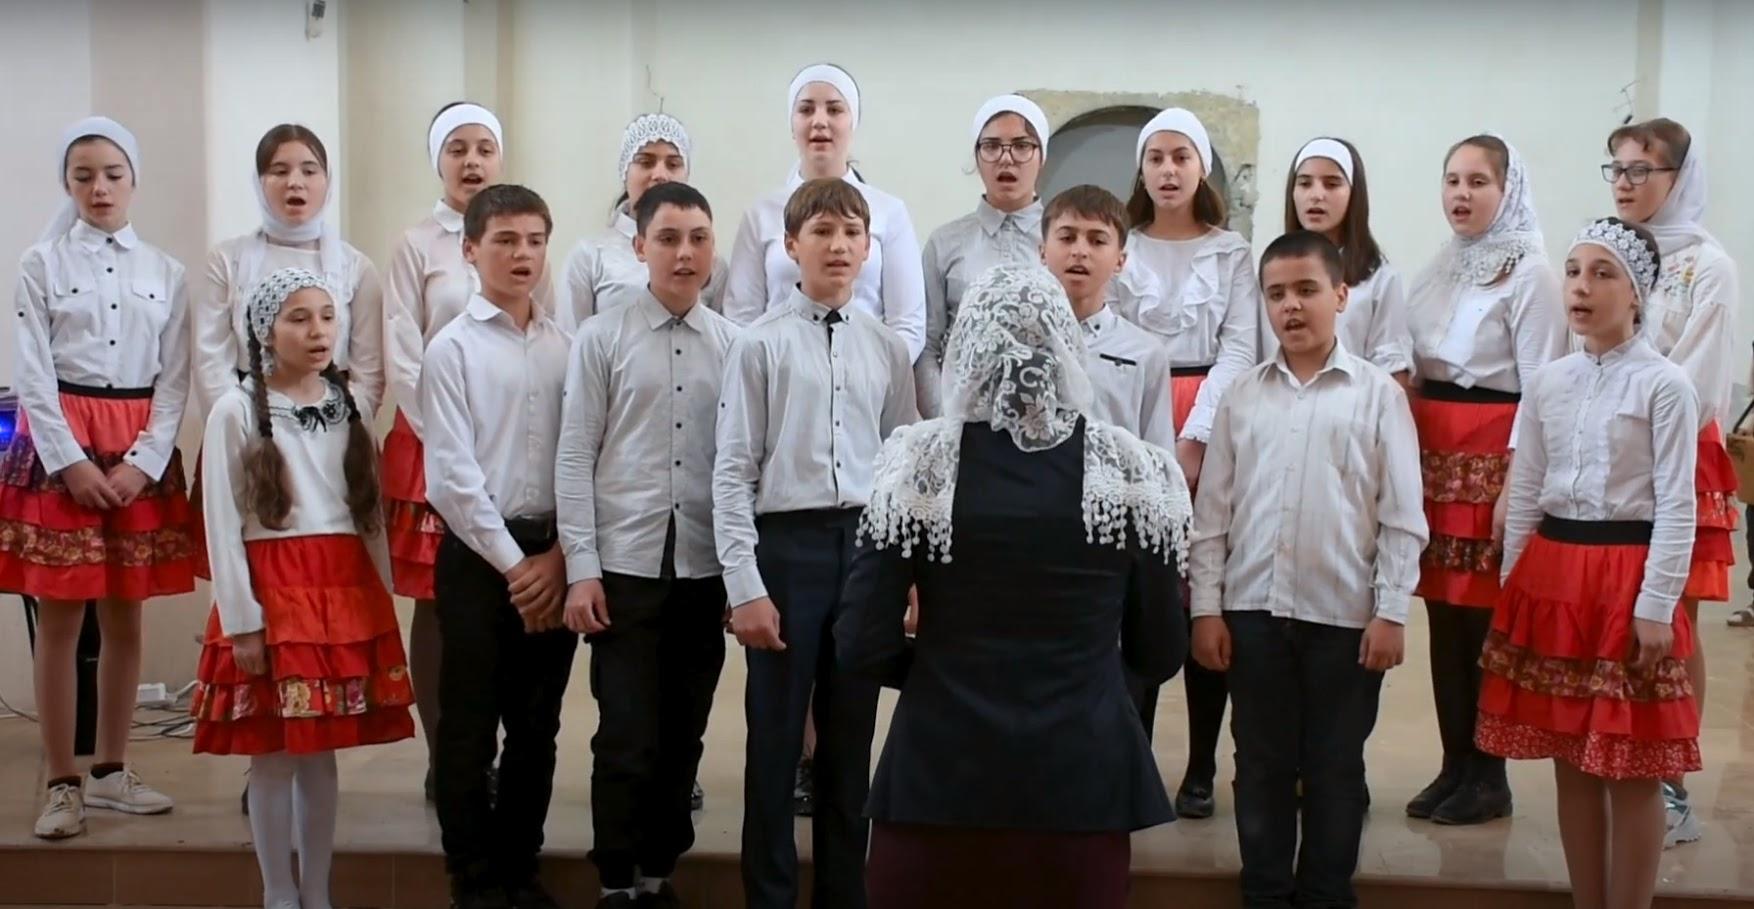 (ВИДЕО) Пасхальное выступление церковной школы с. Копчак